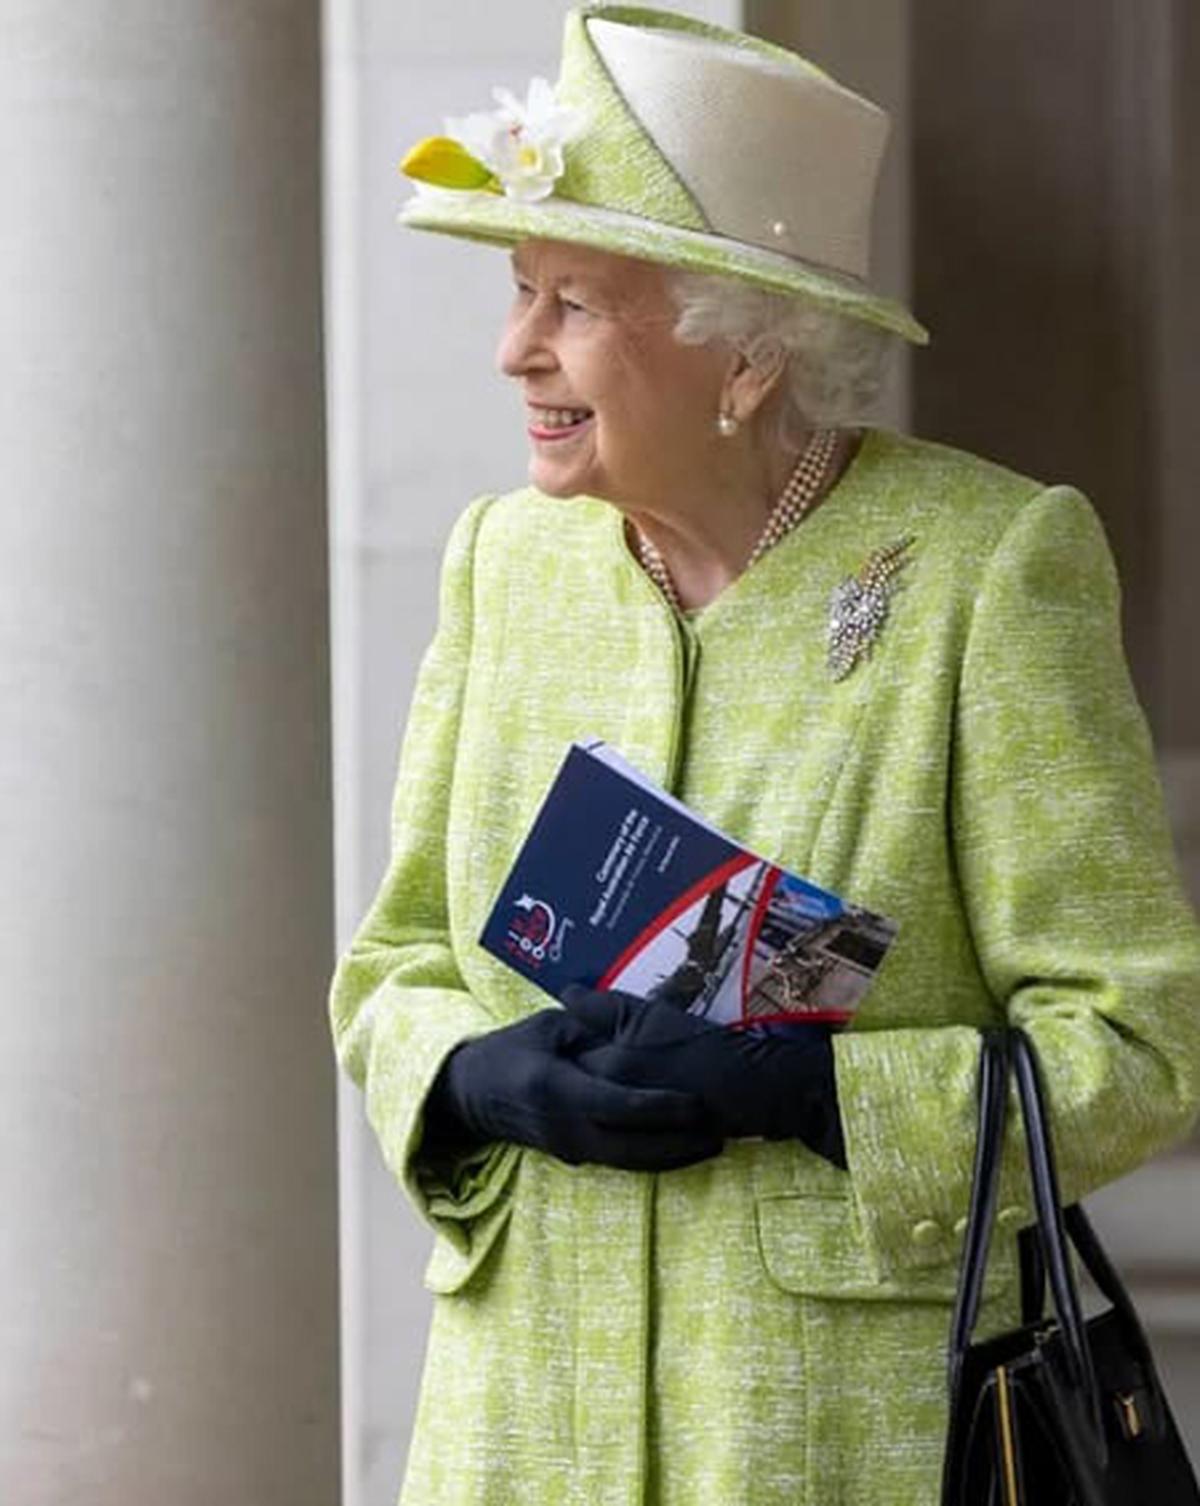 ملکه انگلیس بدون ماسک در یک مراسم عمومی حضور پیدا کرد